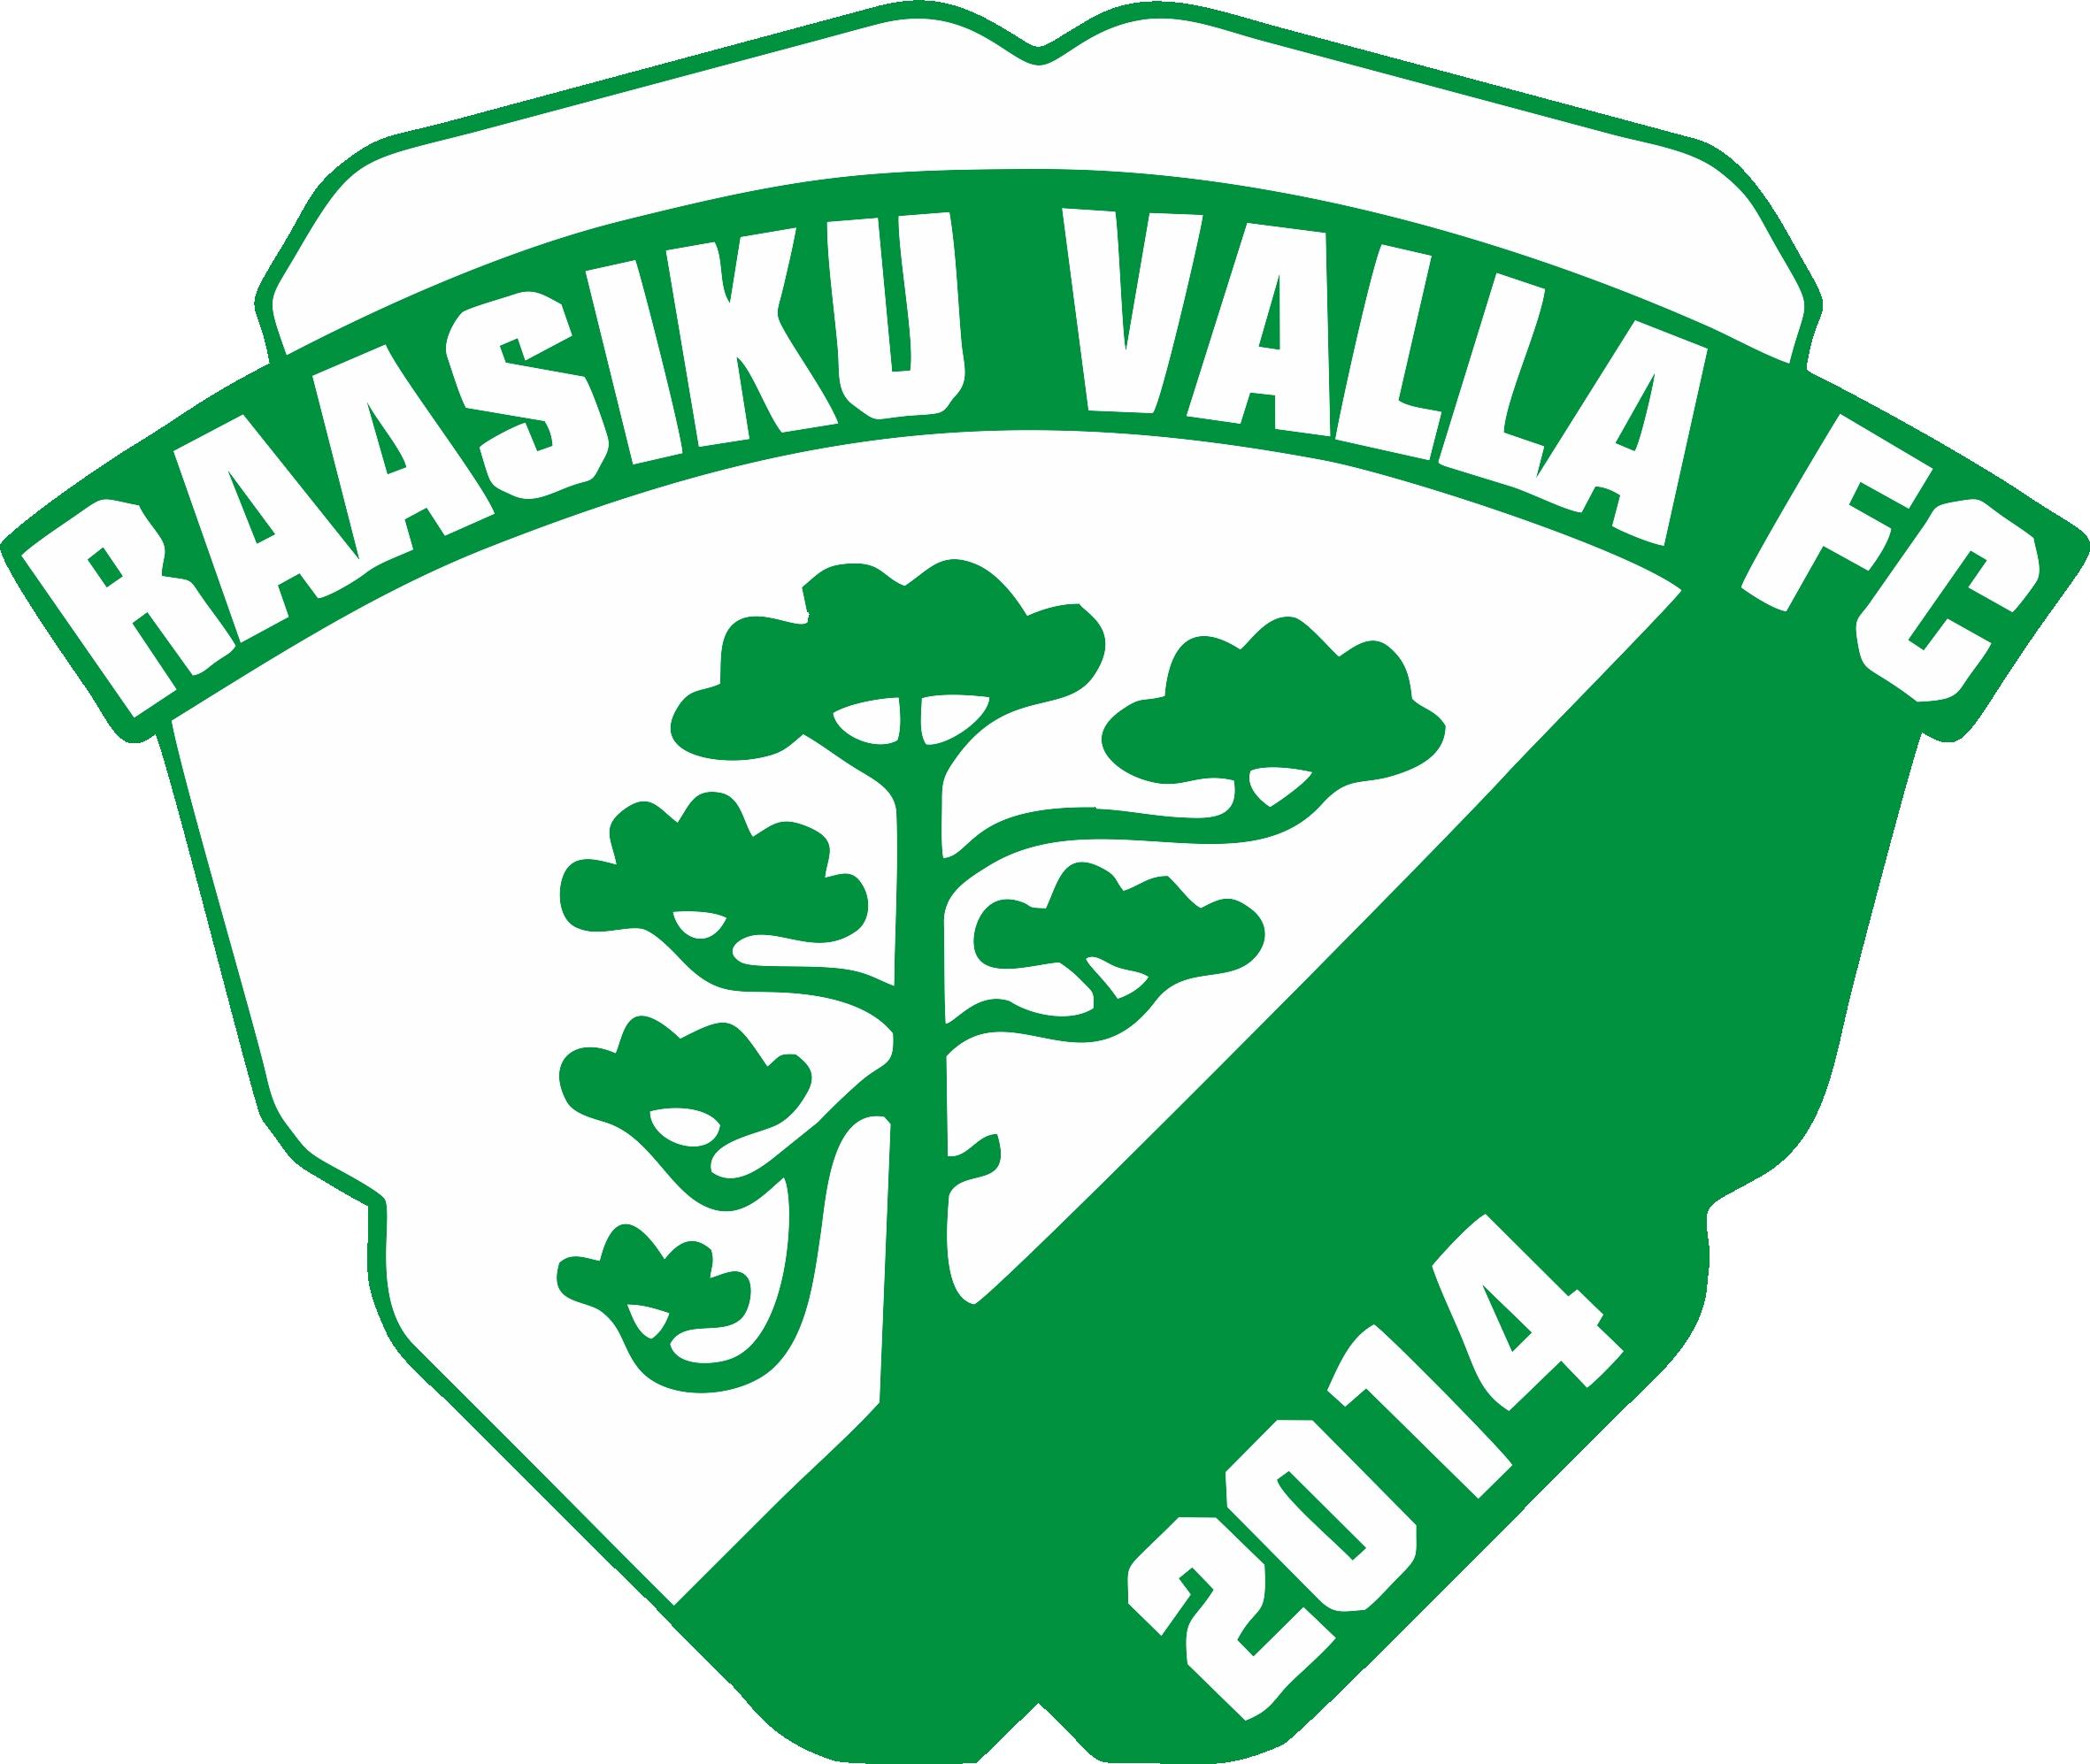 Raasiku Valla FC